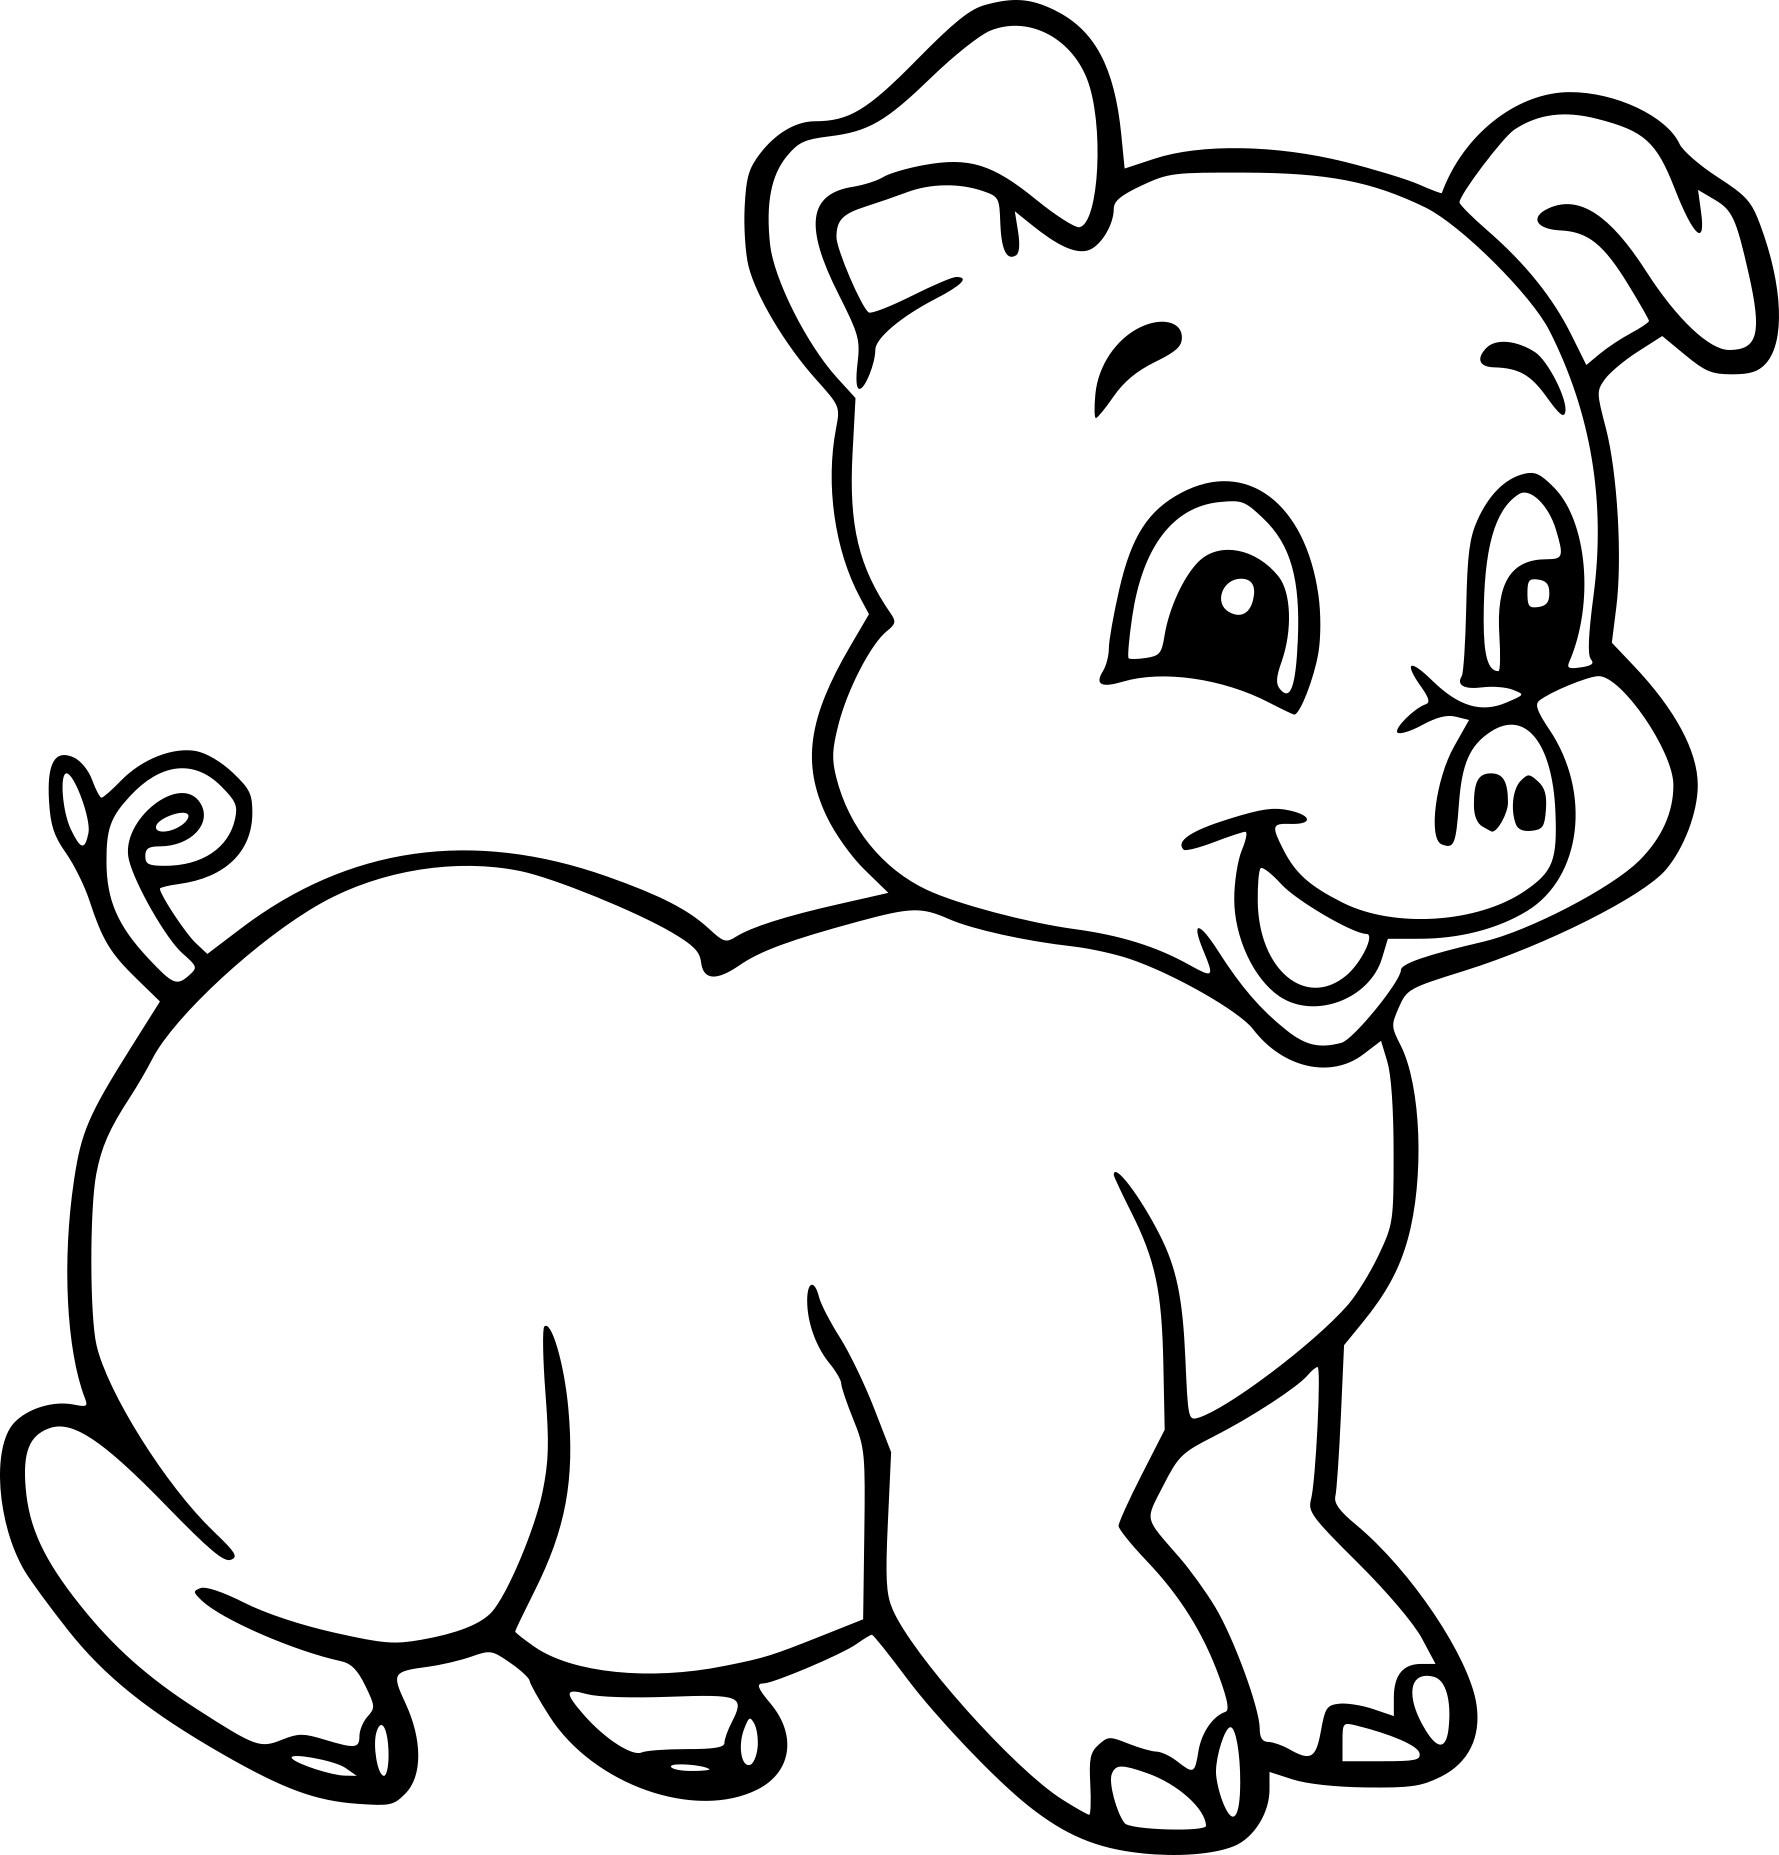 Coloriage Bébé Cochon Dessin À Imprimer Sur Coloriages destiné Dessin À Colorier Cochon